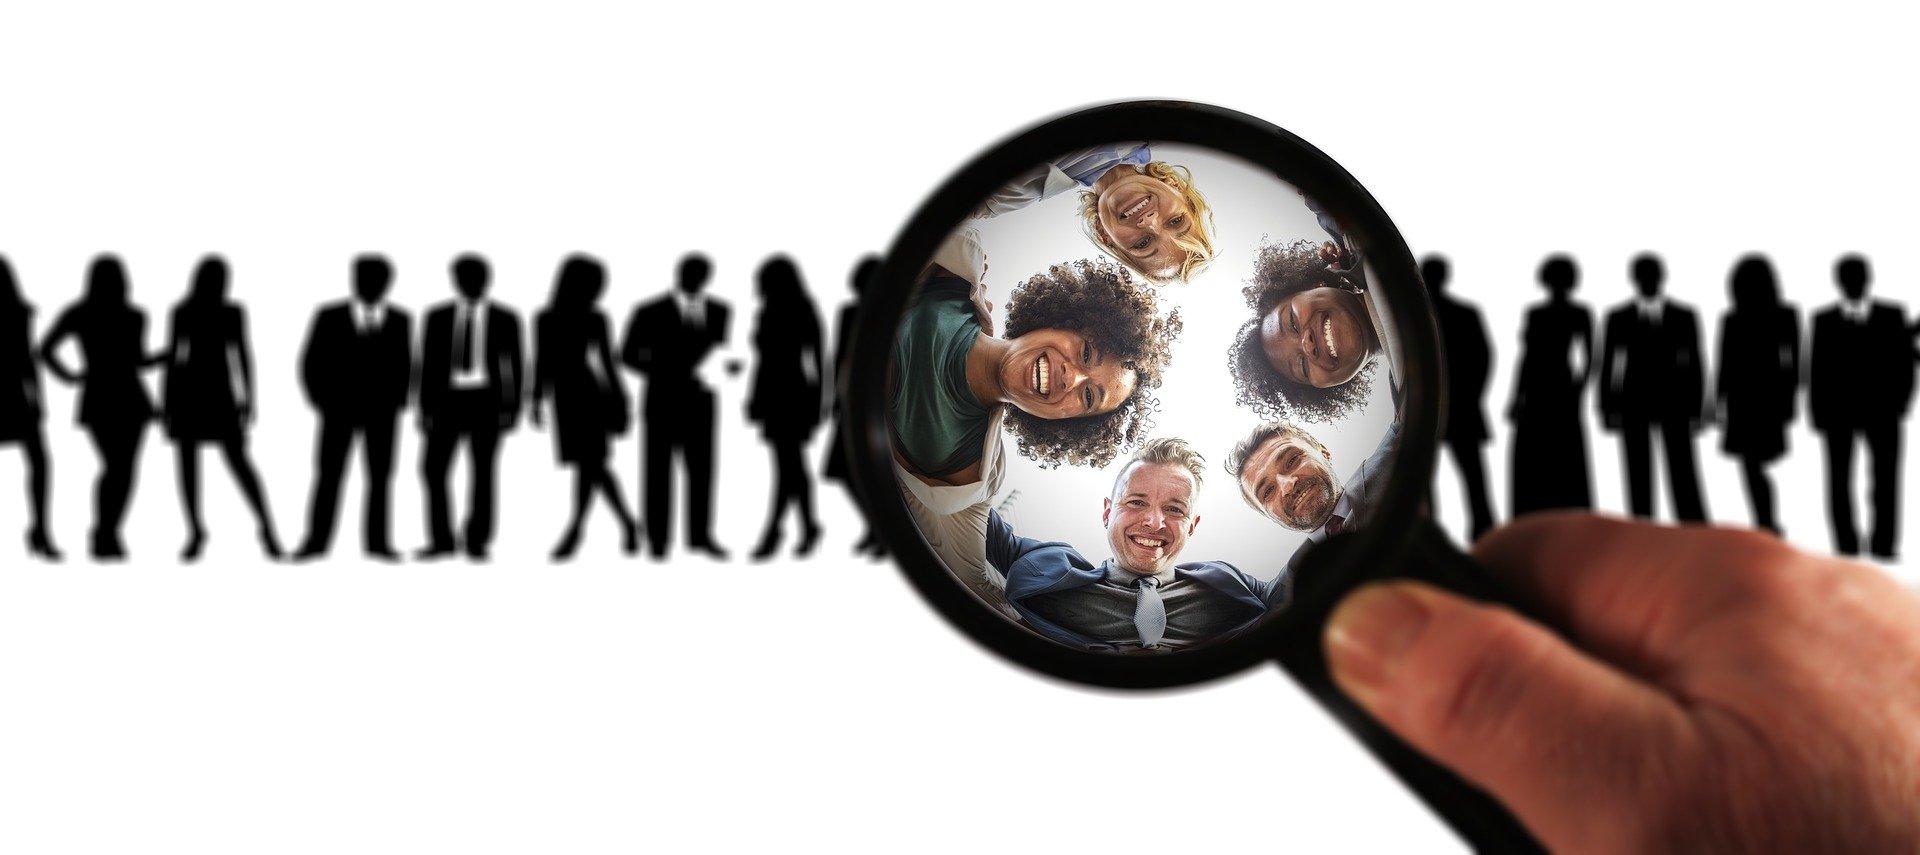 個人事業主の借入審査でチェックされやすいポイントとは?